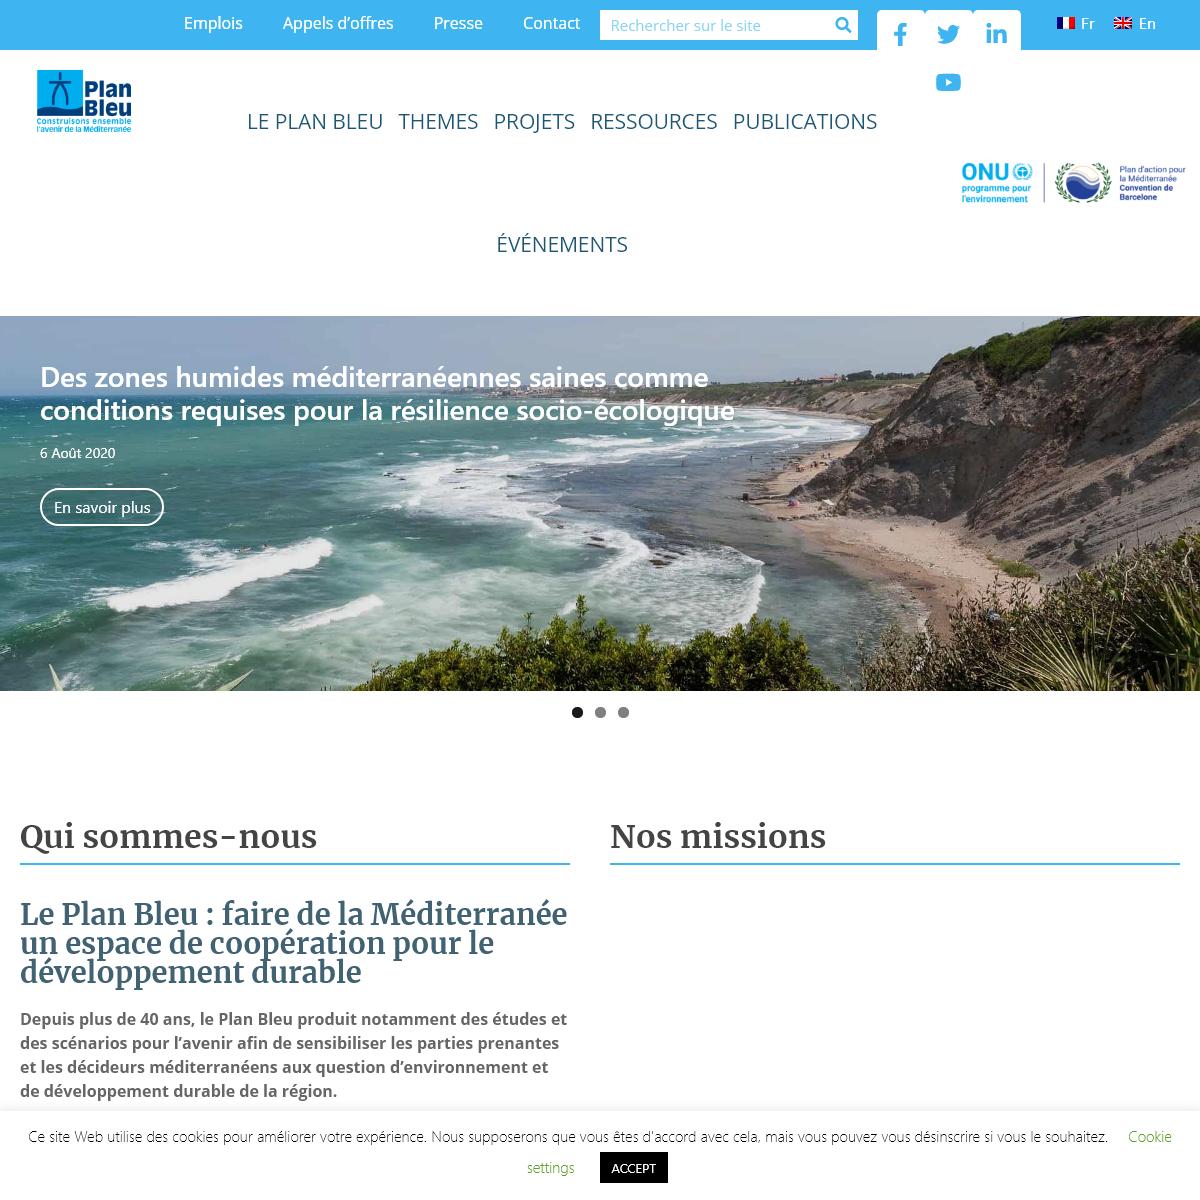 accueil - Plan-bleu - Environnement et développement en Méditerranée